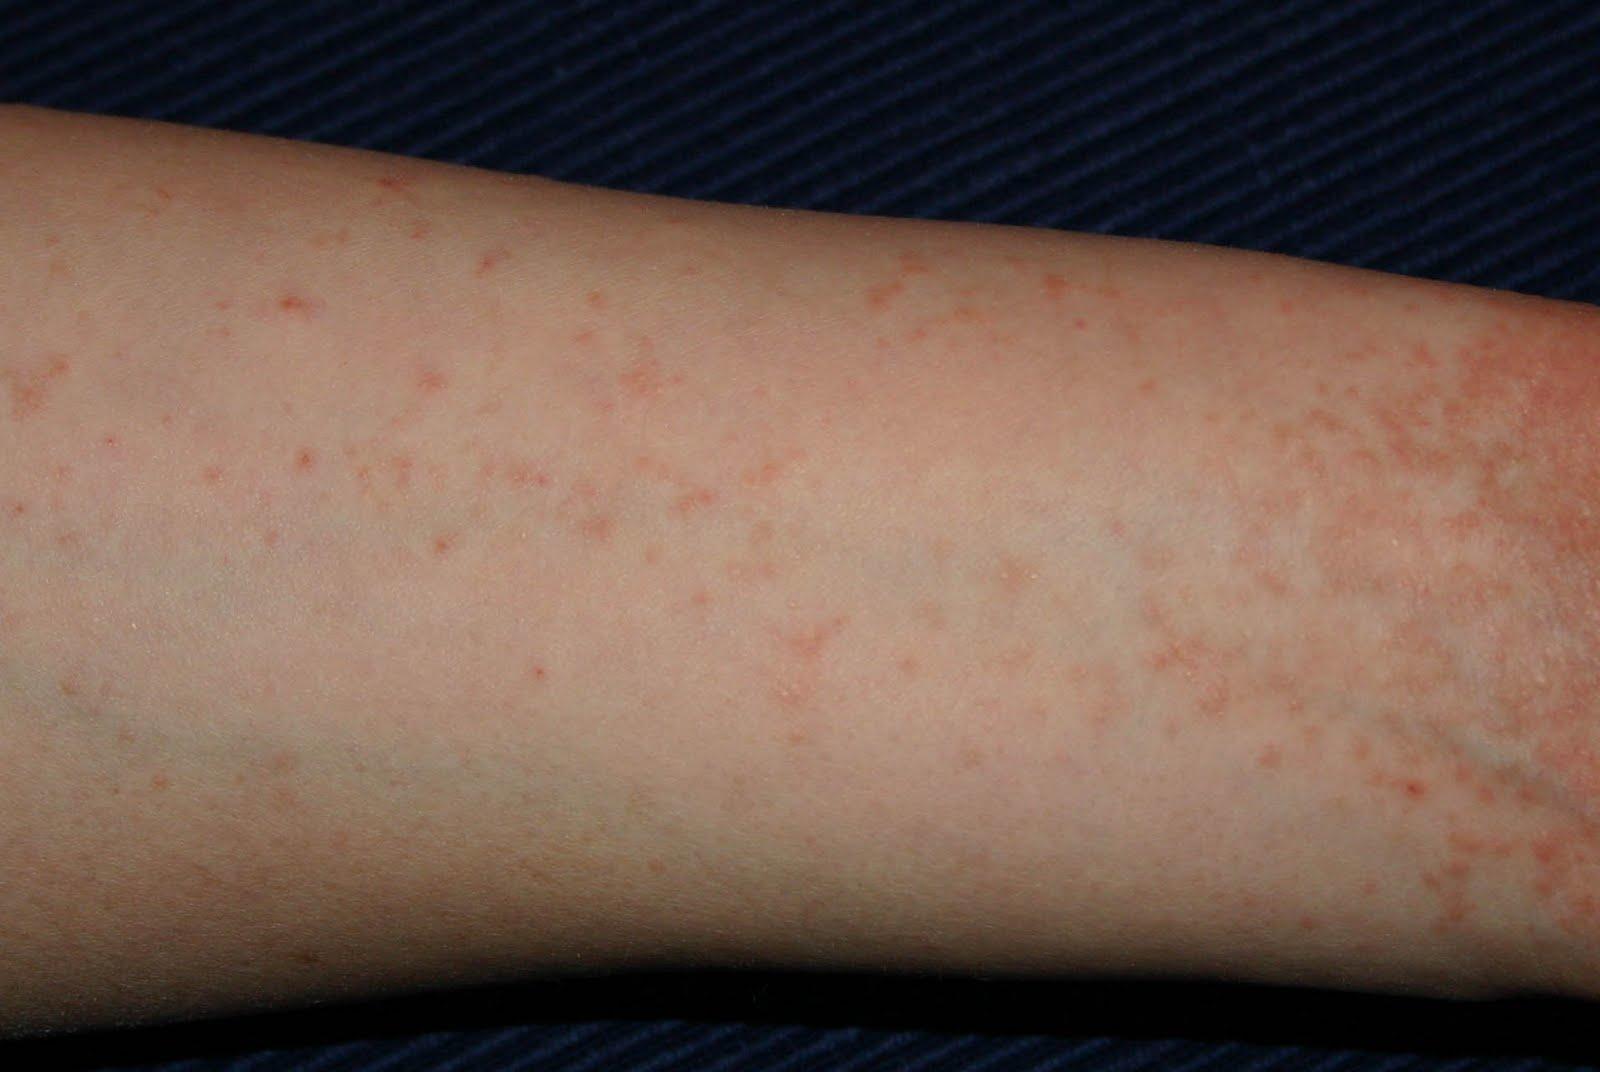 fürdés után vörös foltokkal rendelkező bőr pikkelysmr a fejn tnetek s kezels